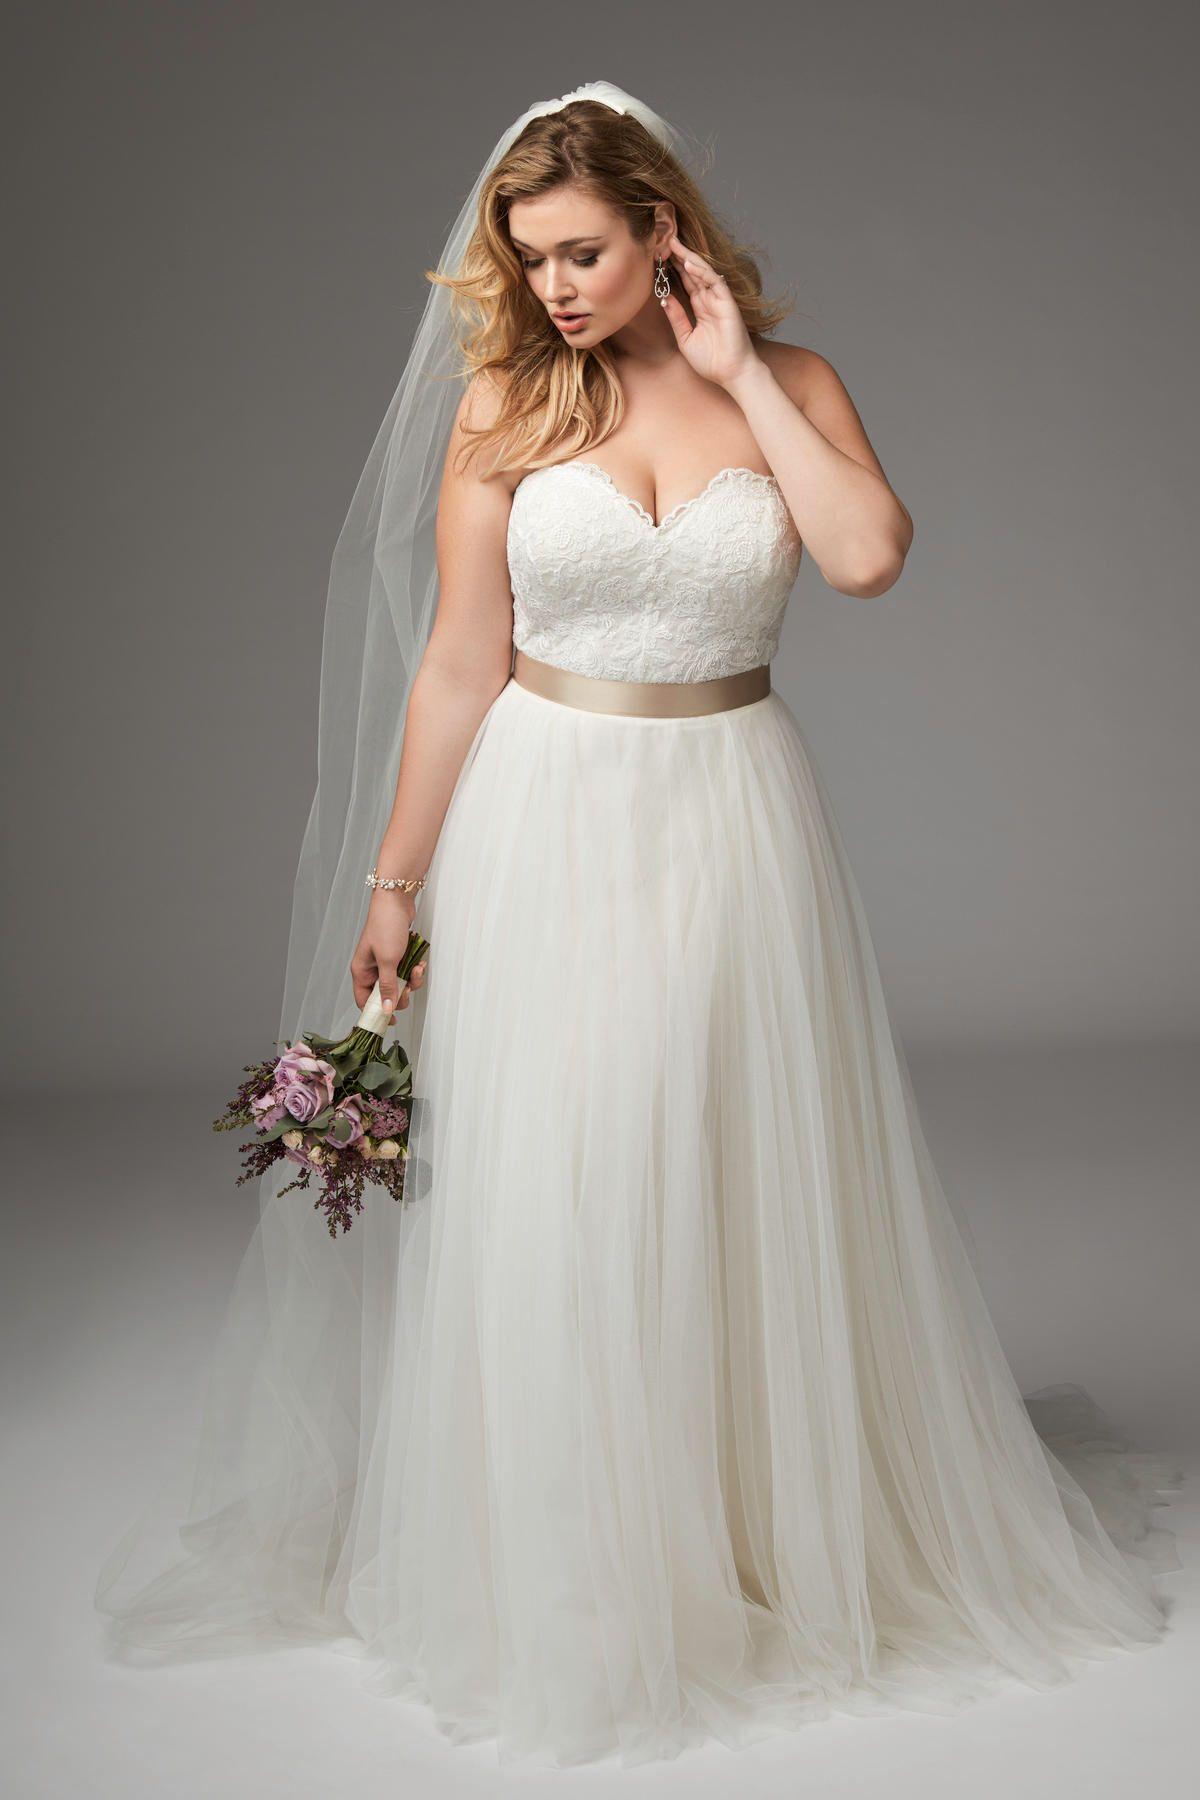 Pin by sierra nicole on dream wedding uc in pinterest